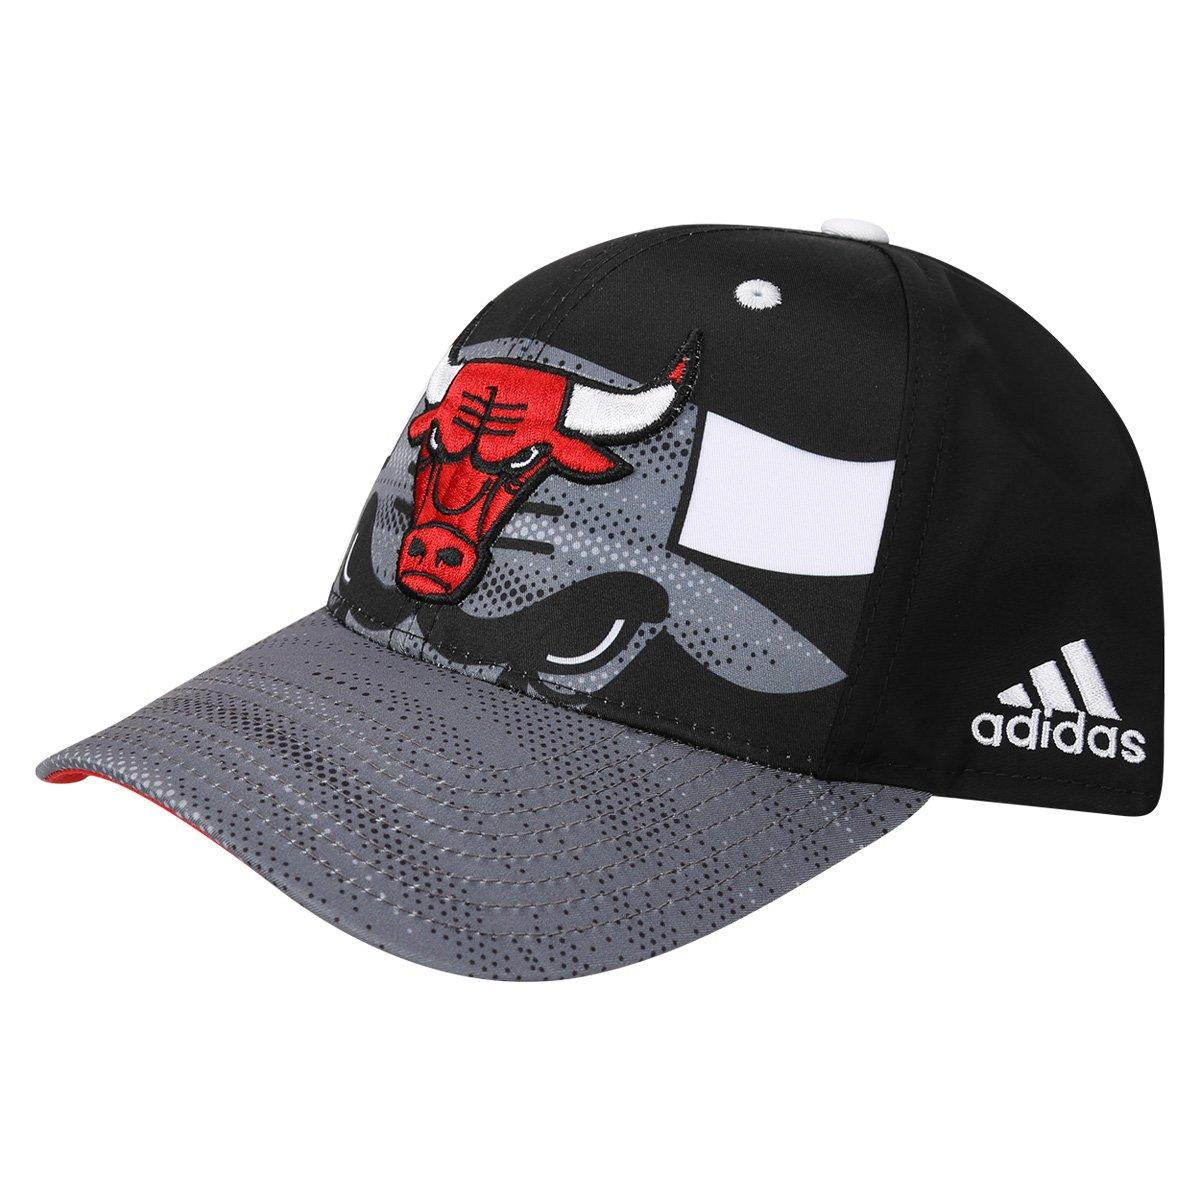 5cca8237b9da6 Boné Adidas NBA Chicago Bulls - Compre Agora